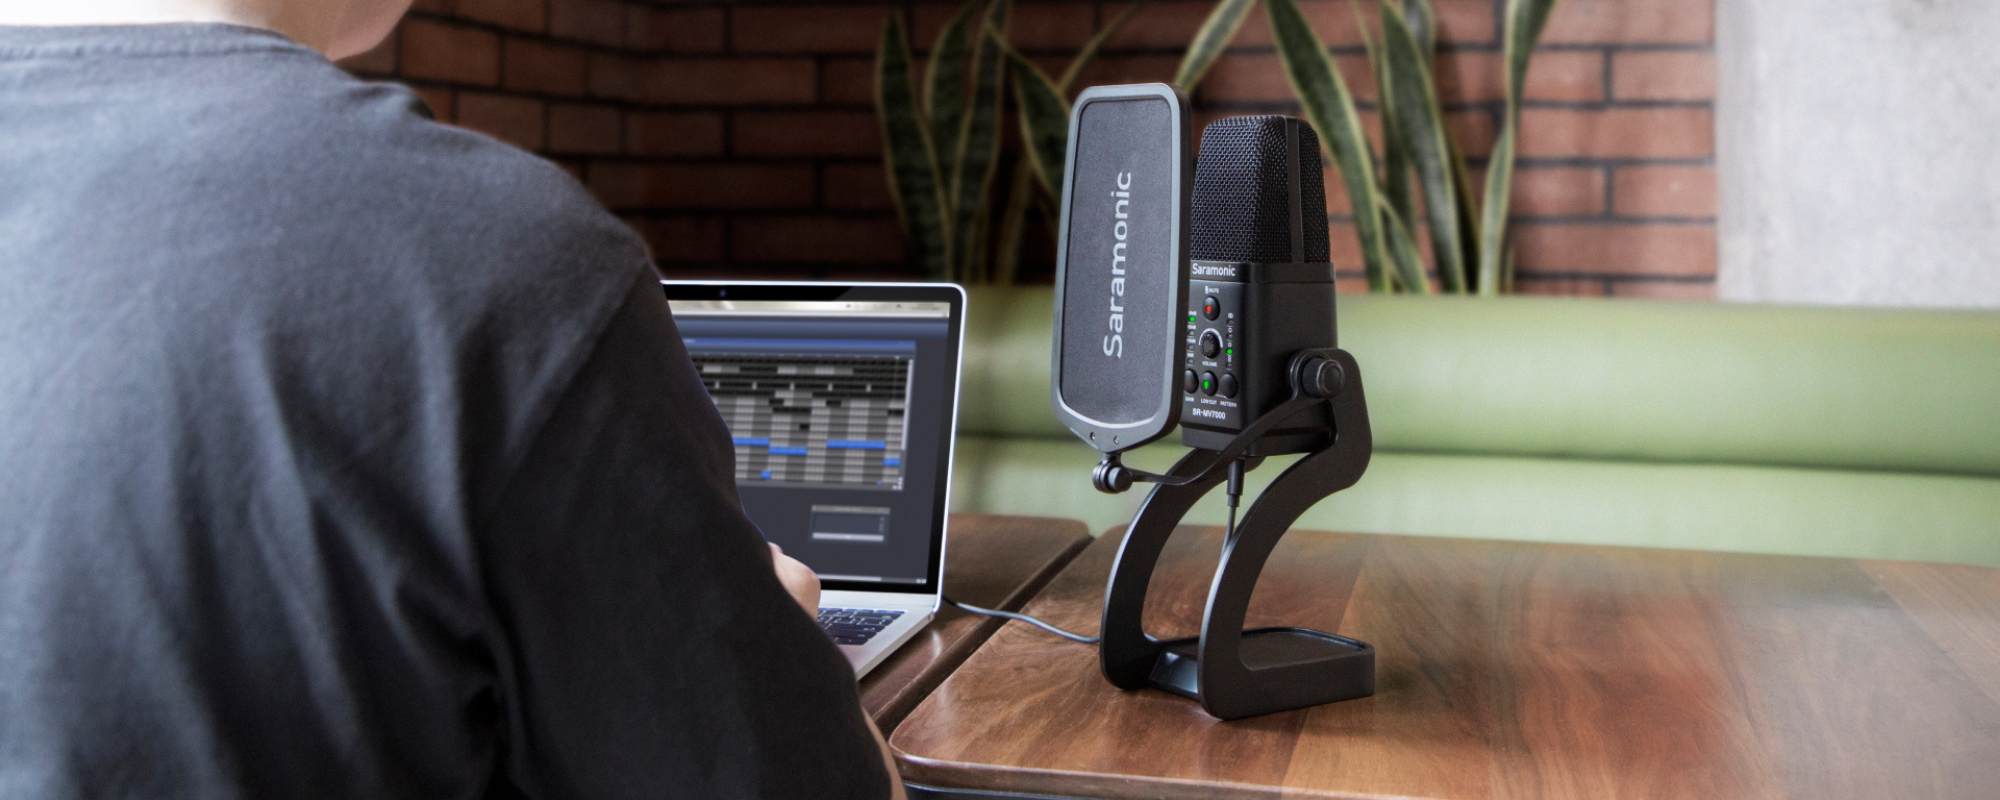 Mikrofon pojemnościowy Saramonic SR-MV7000 do podcastów